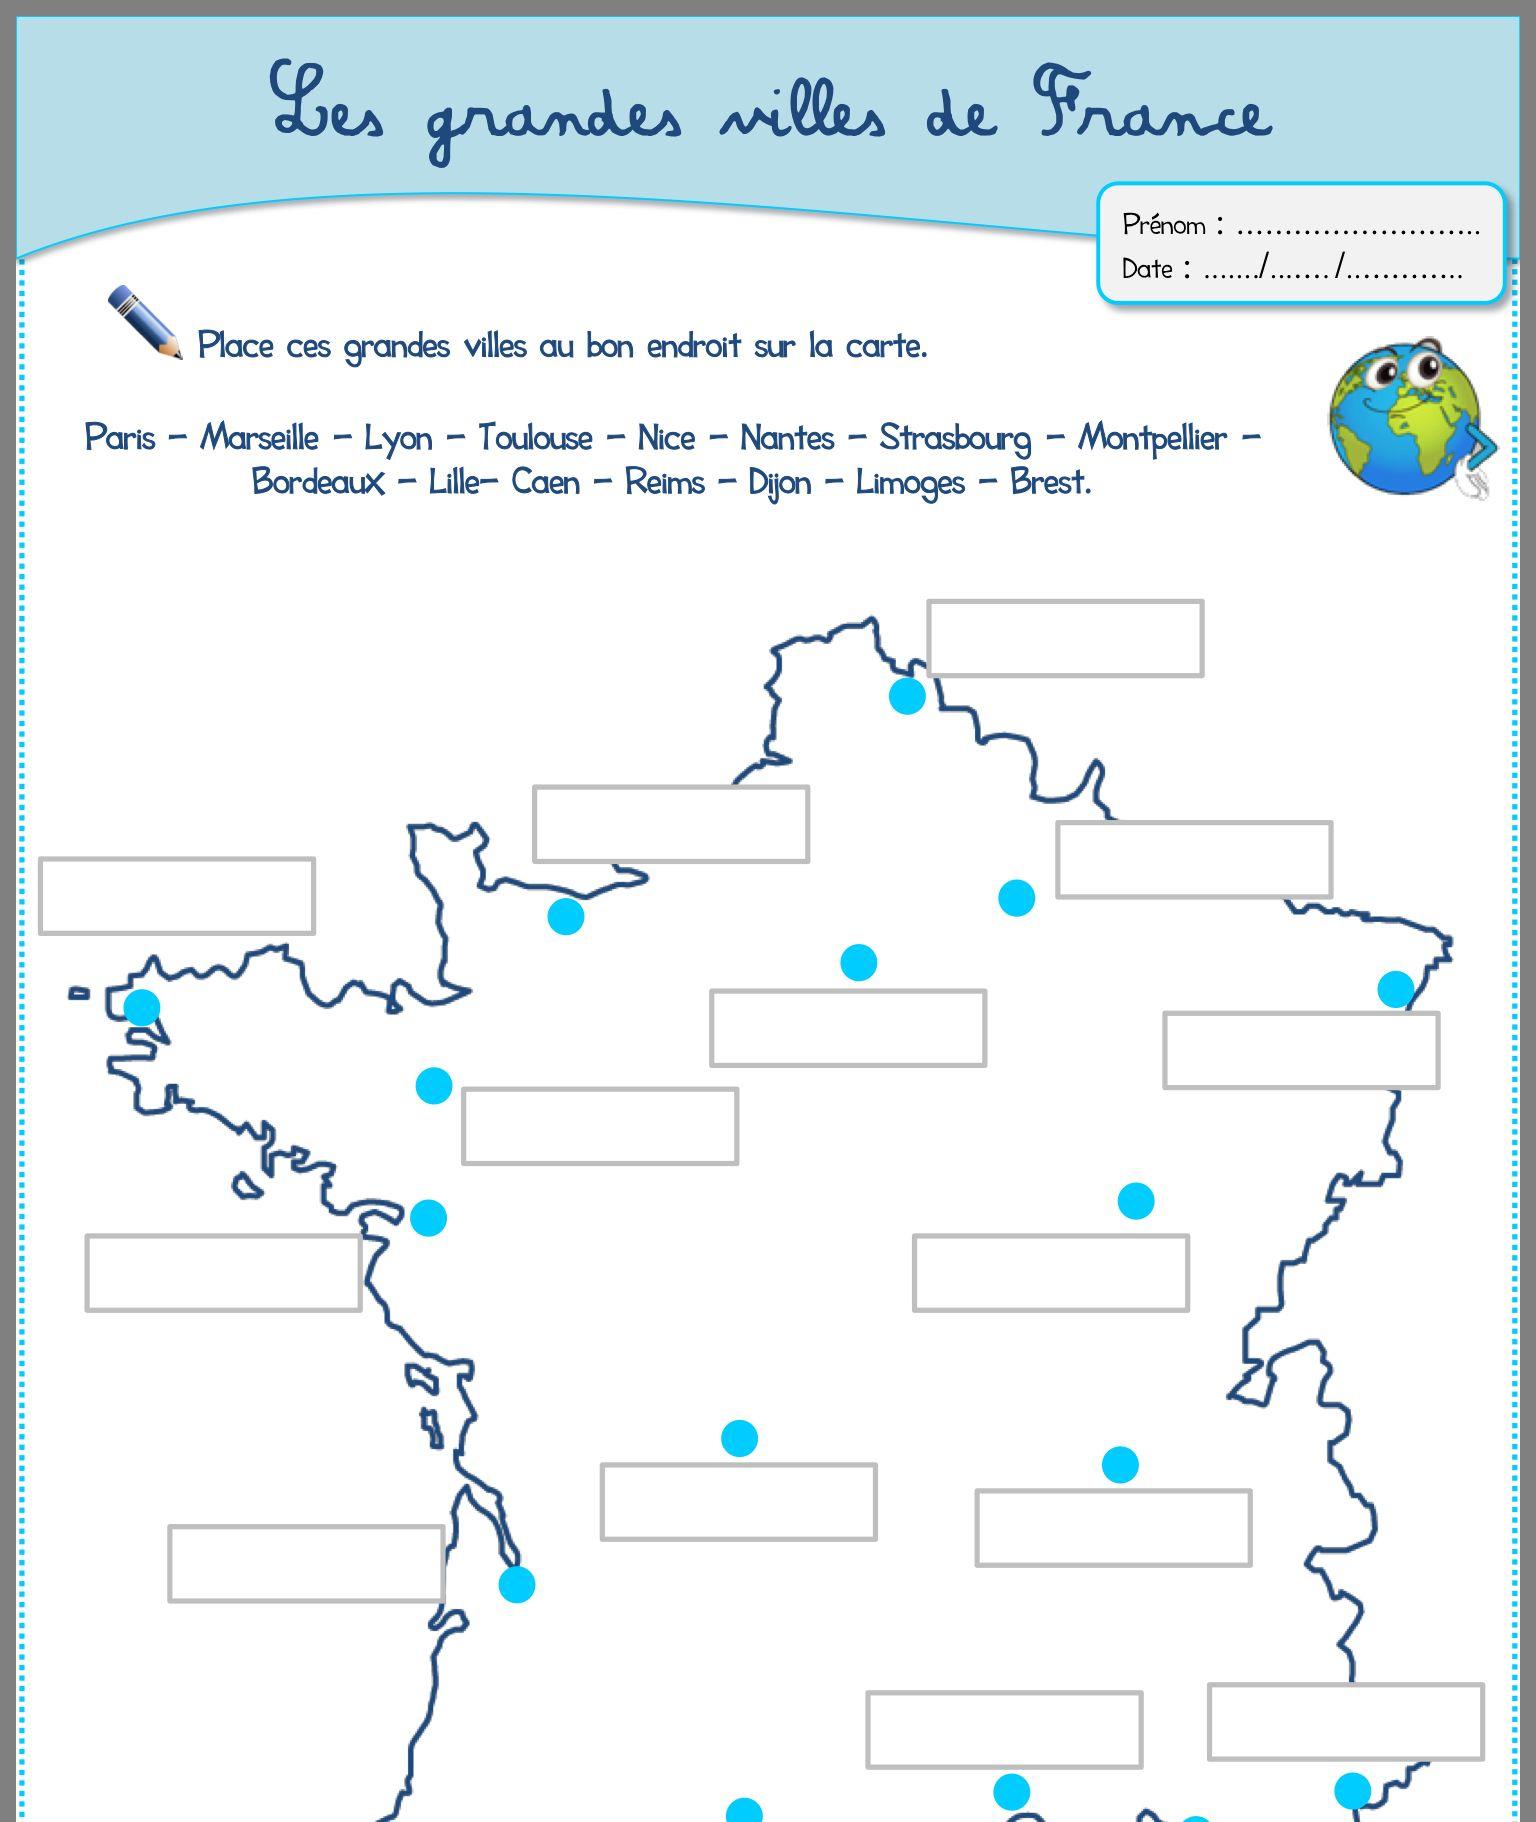 Les Grandes Villes En France | Ville France, Géographie encequiconcerne Placer Des Villes Sur Une Carte